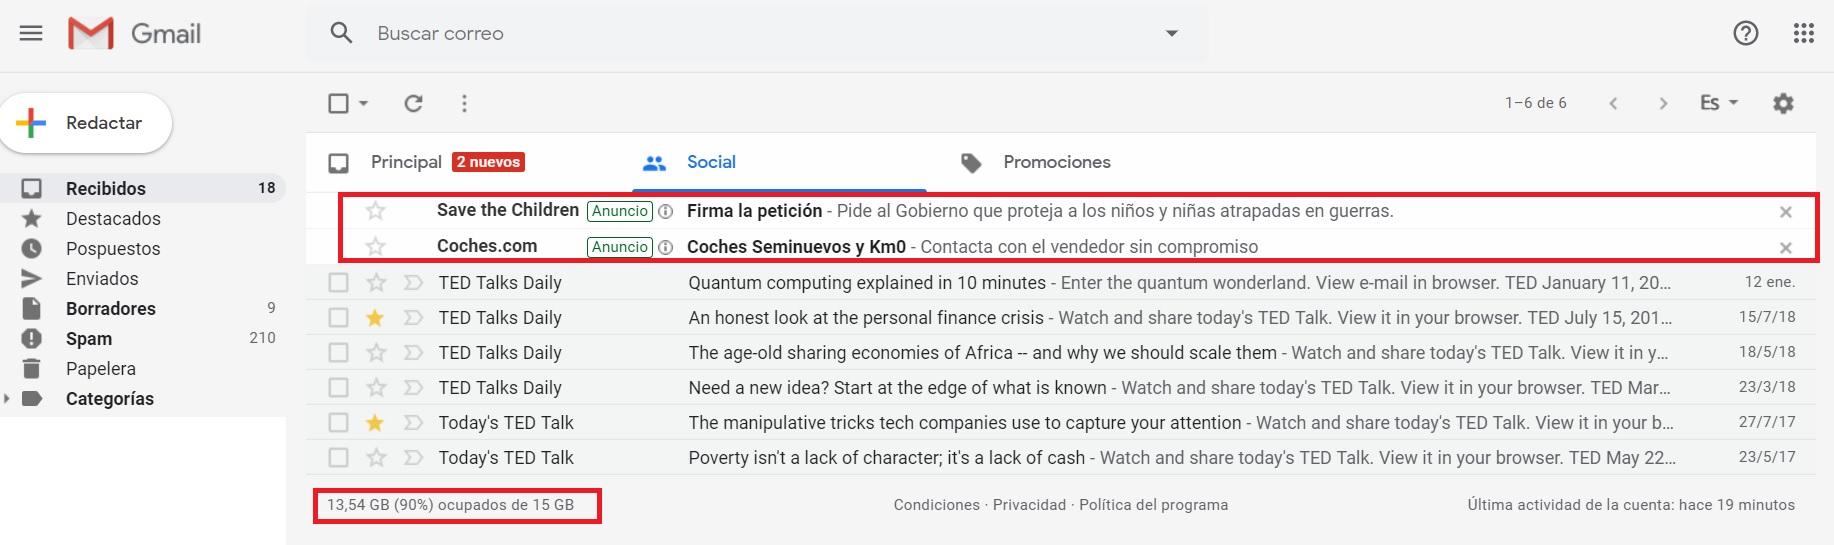 Publicidad en el Gmail